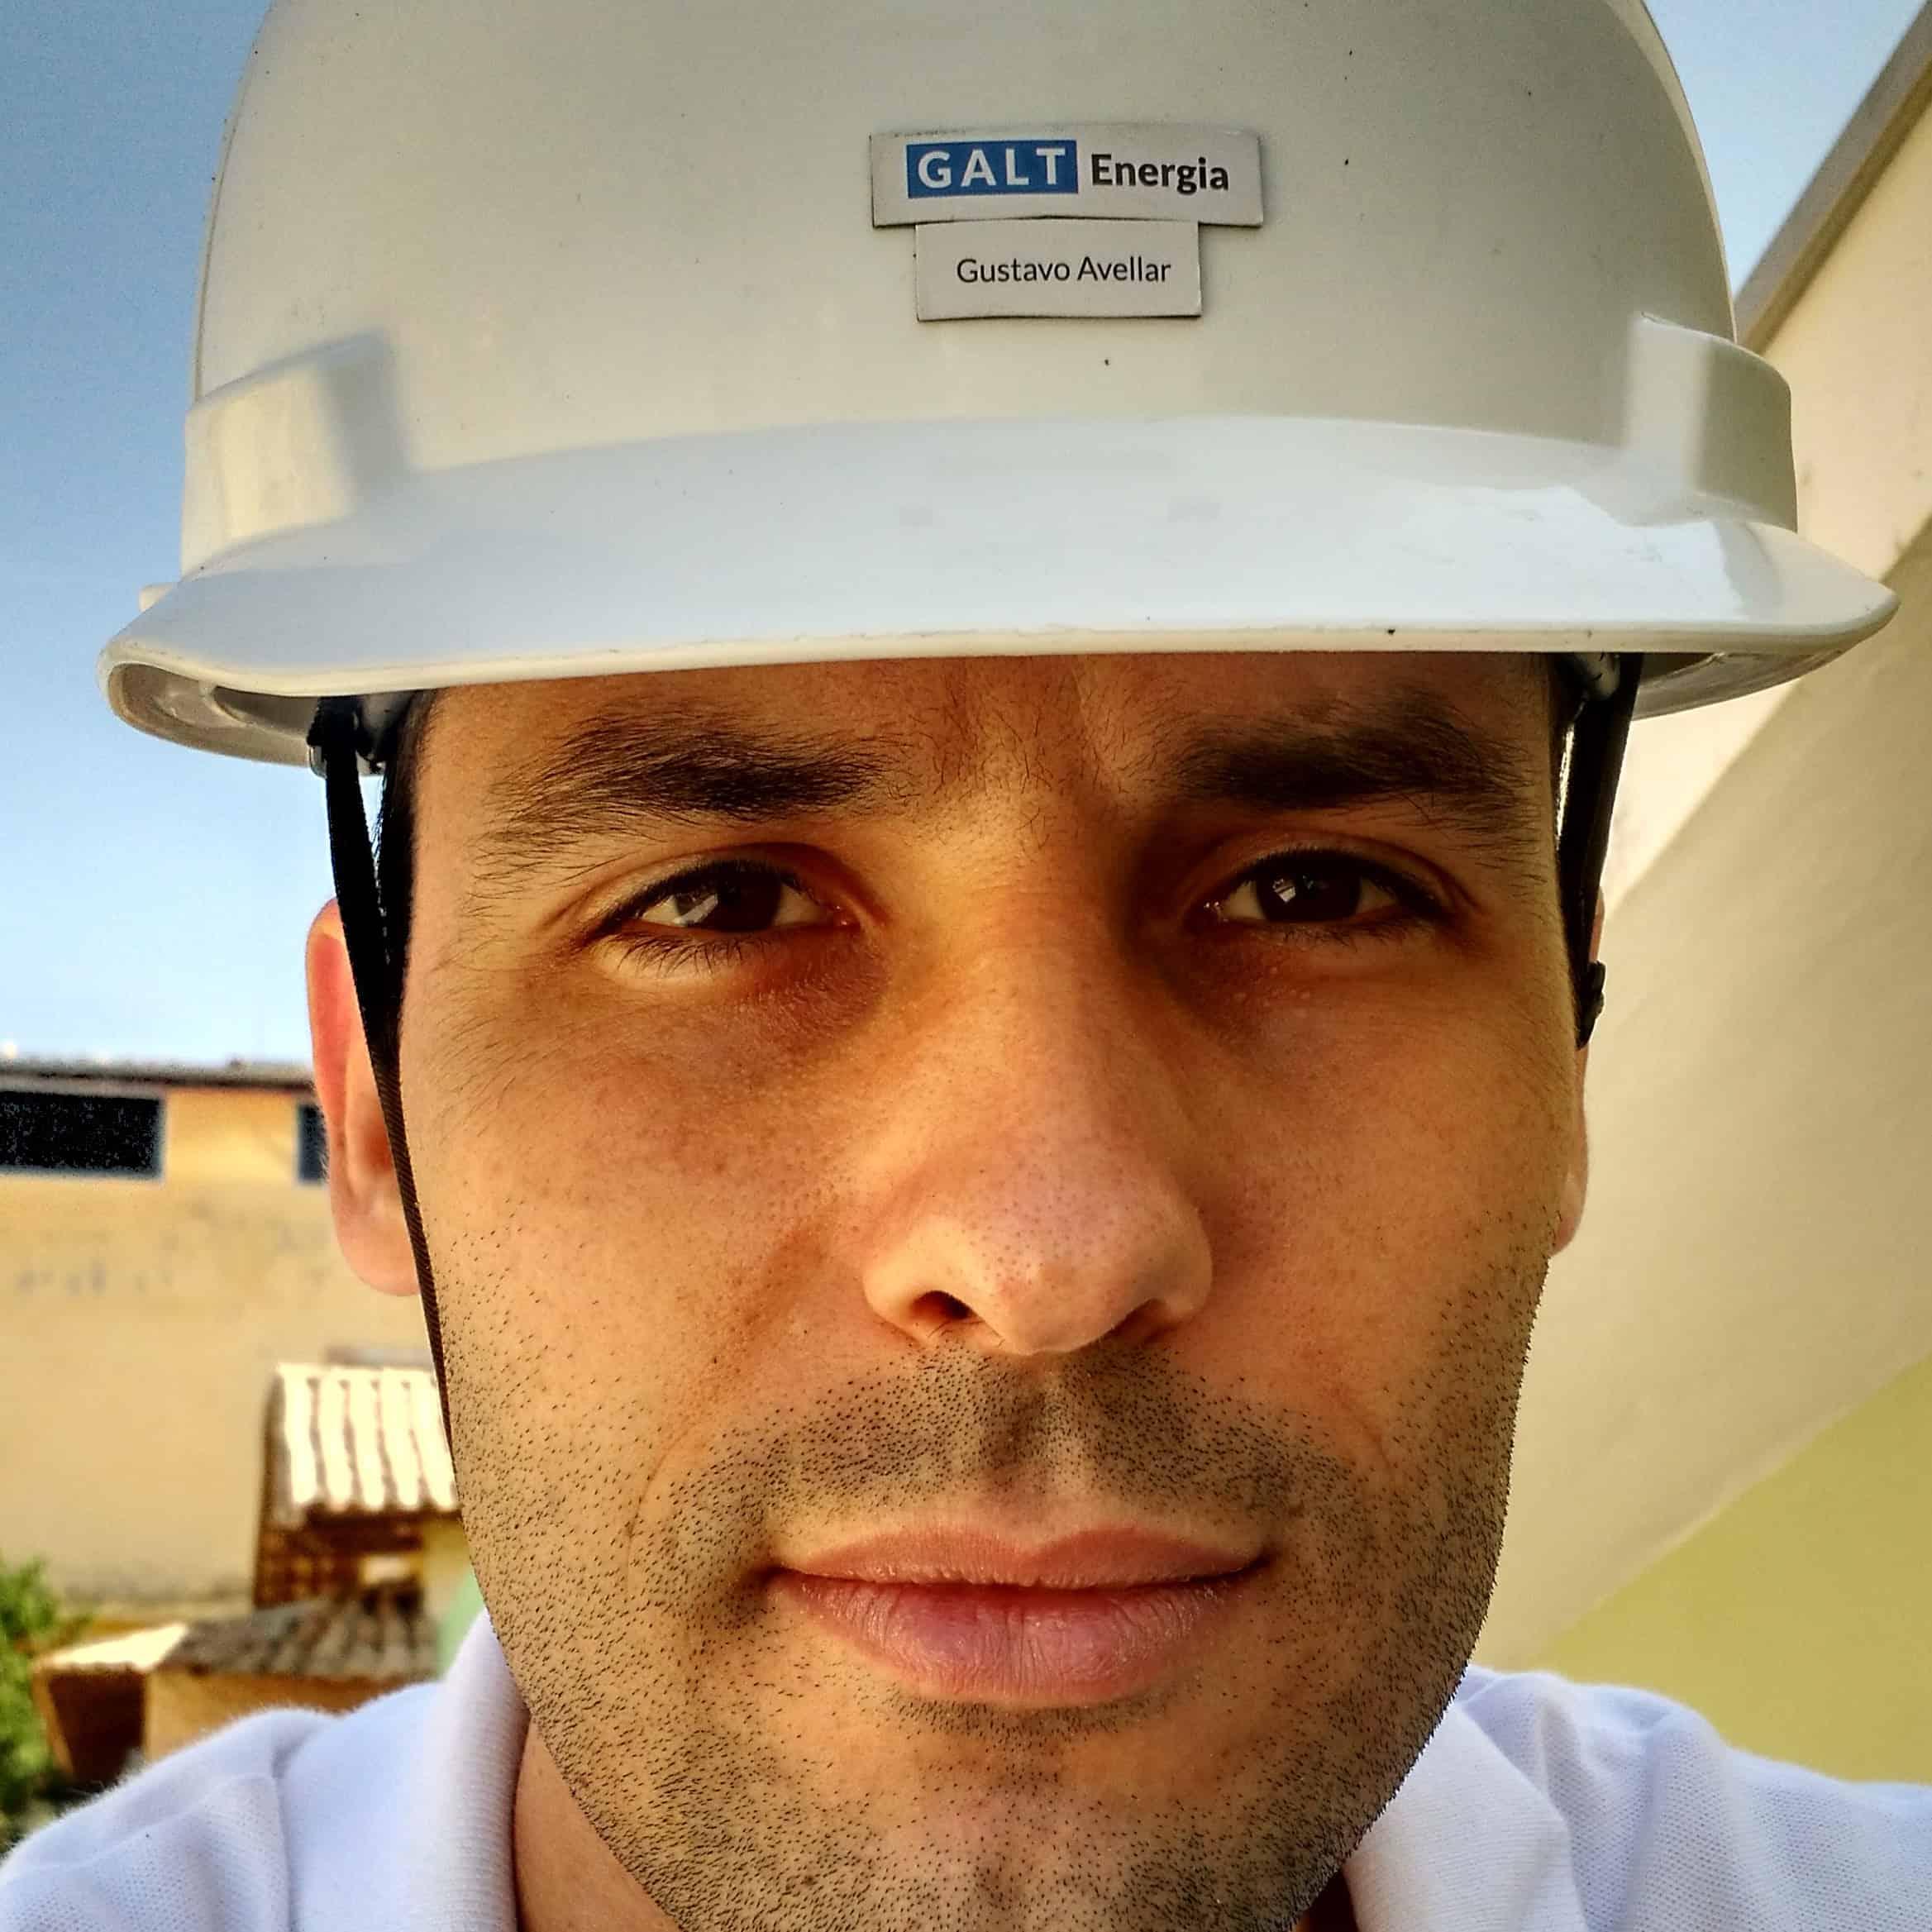 Gustavo Avellar